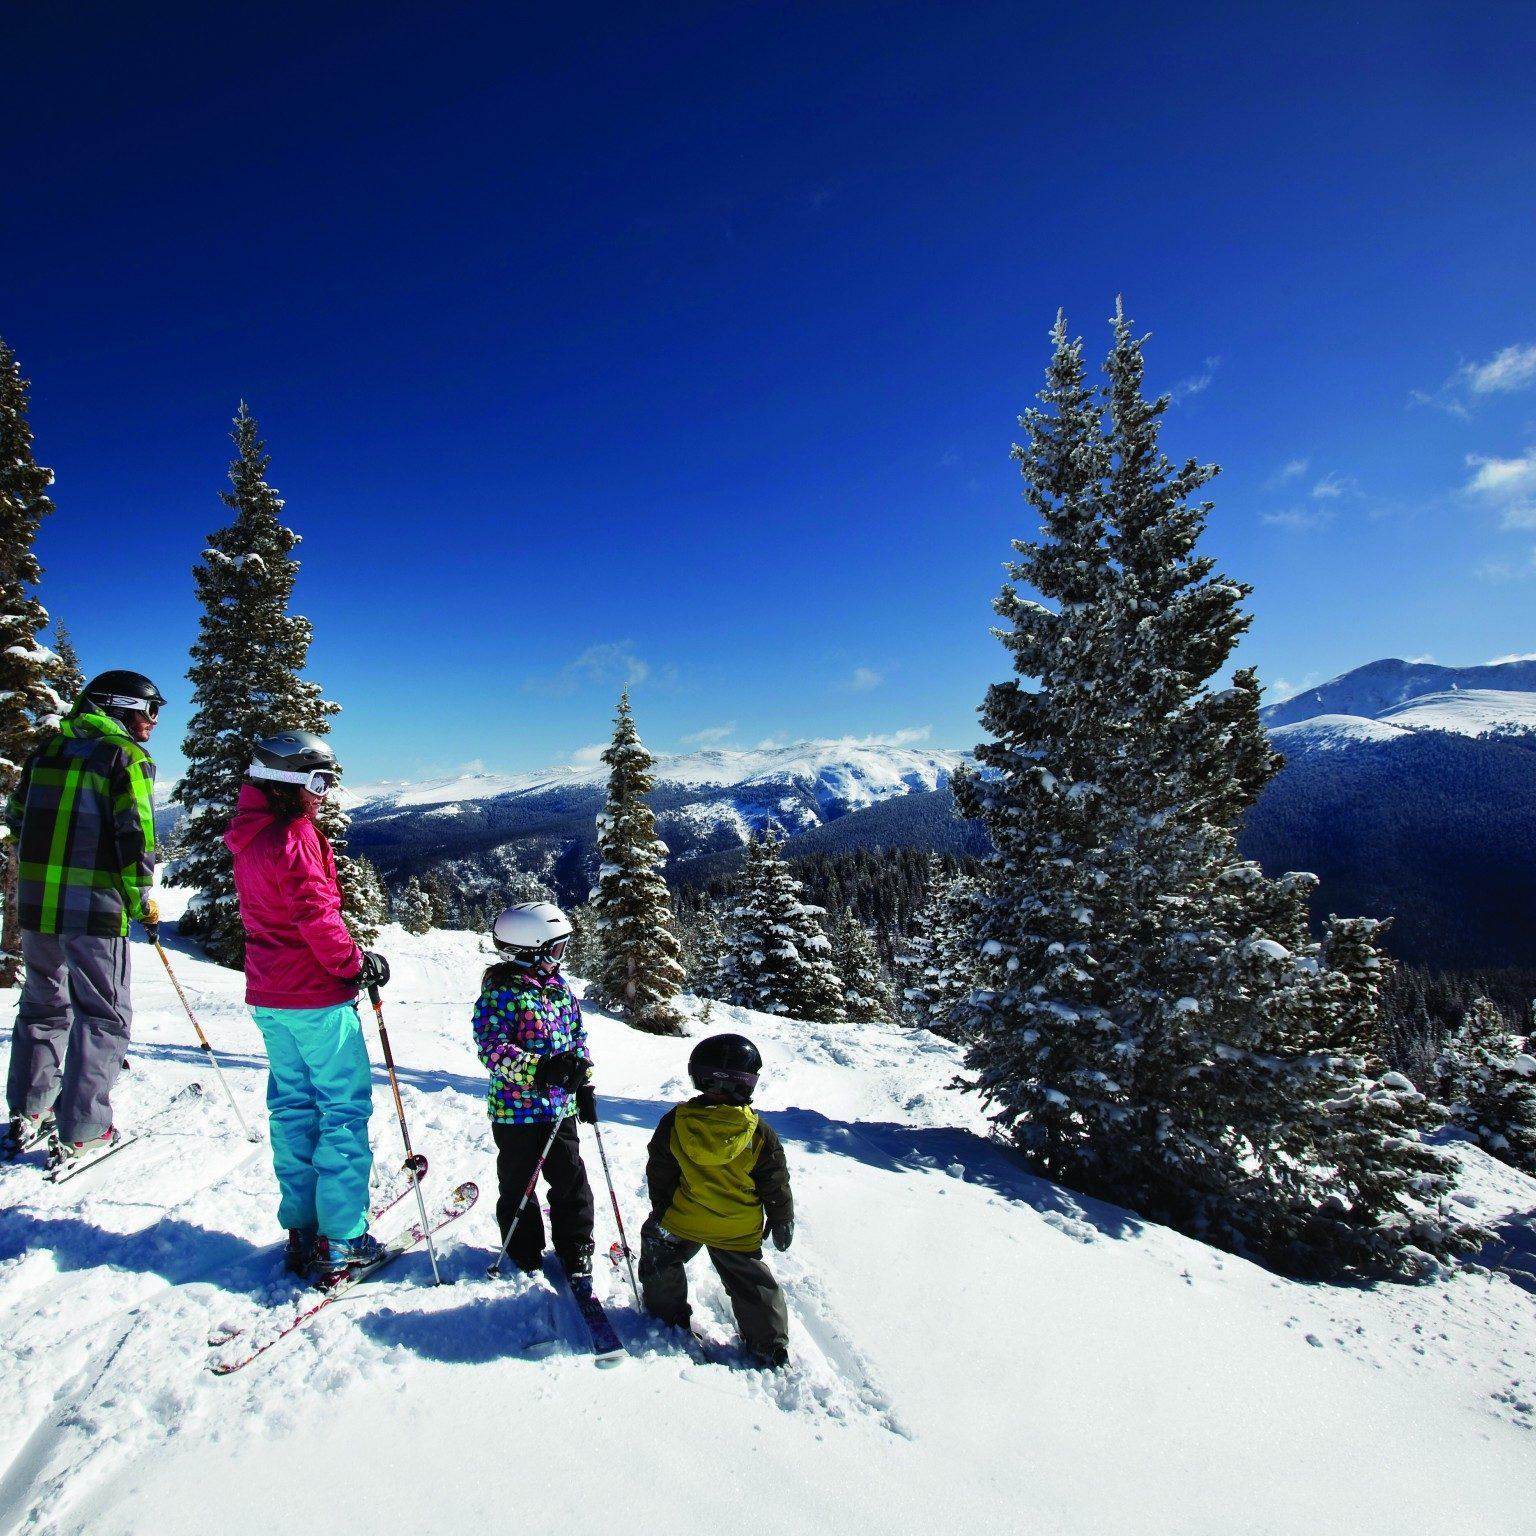 vacanza sci per famiglie, family ski holidays